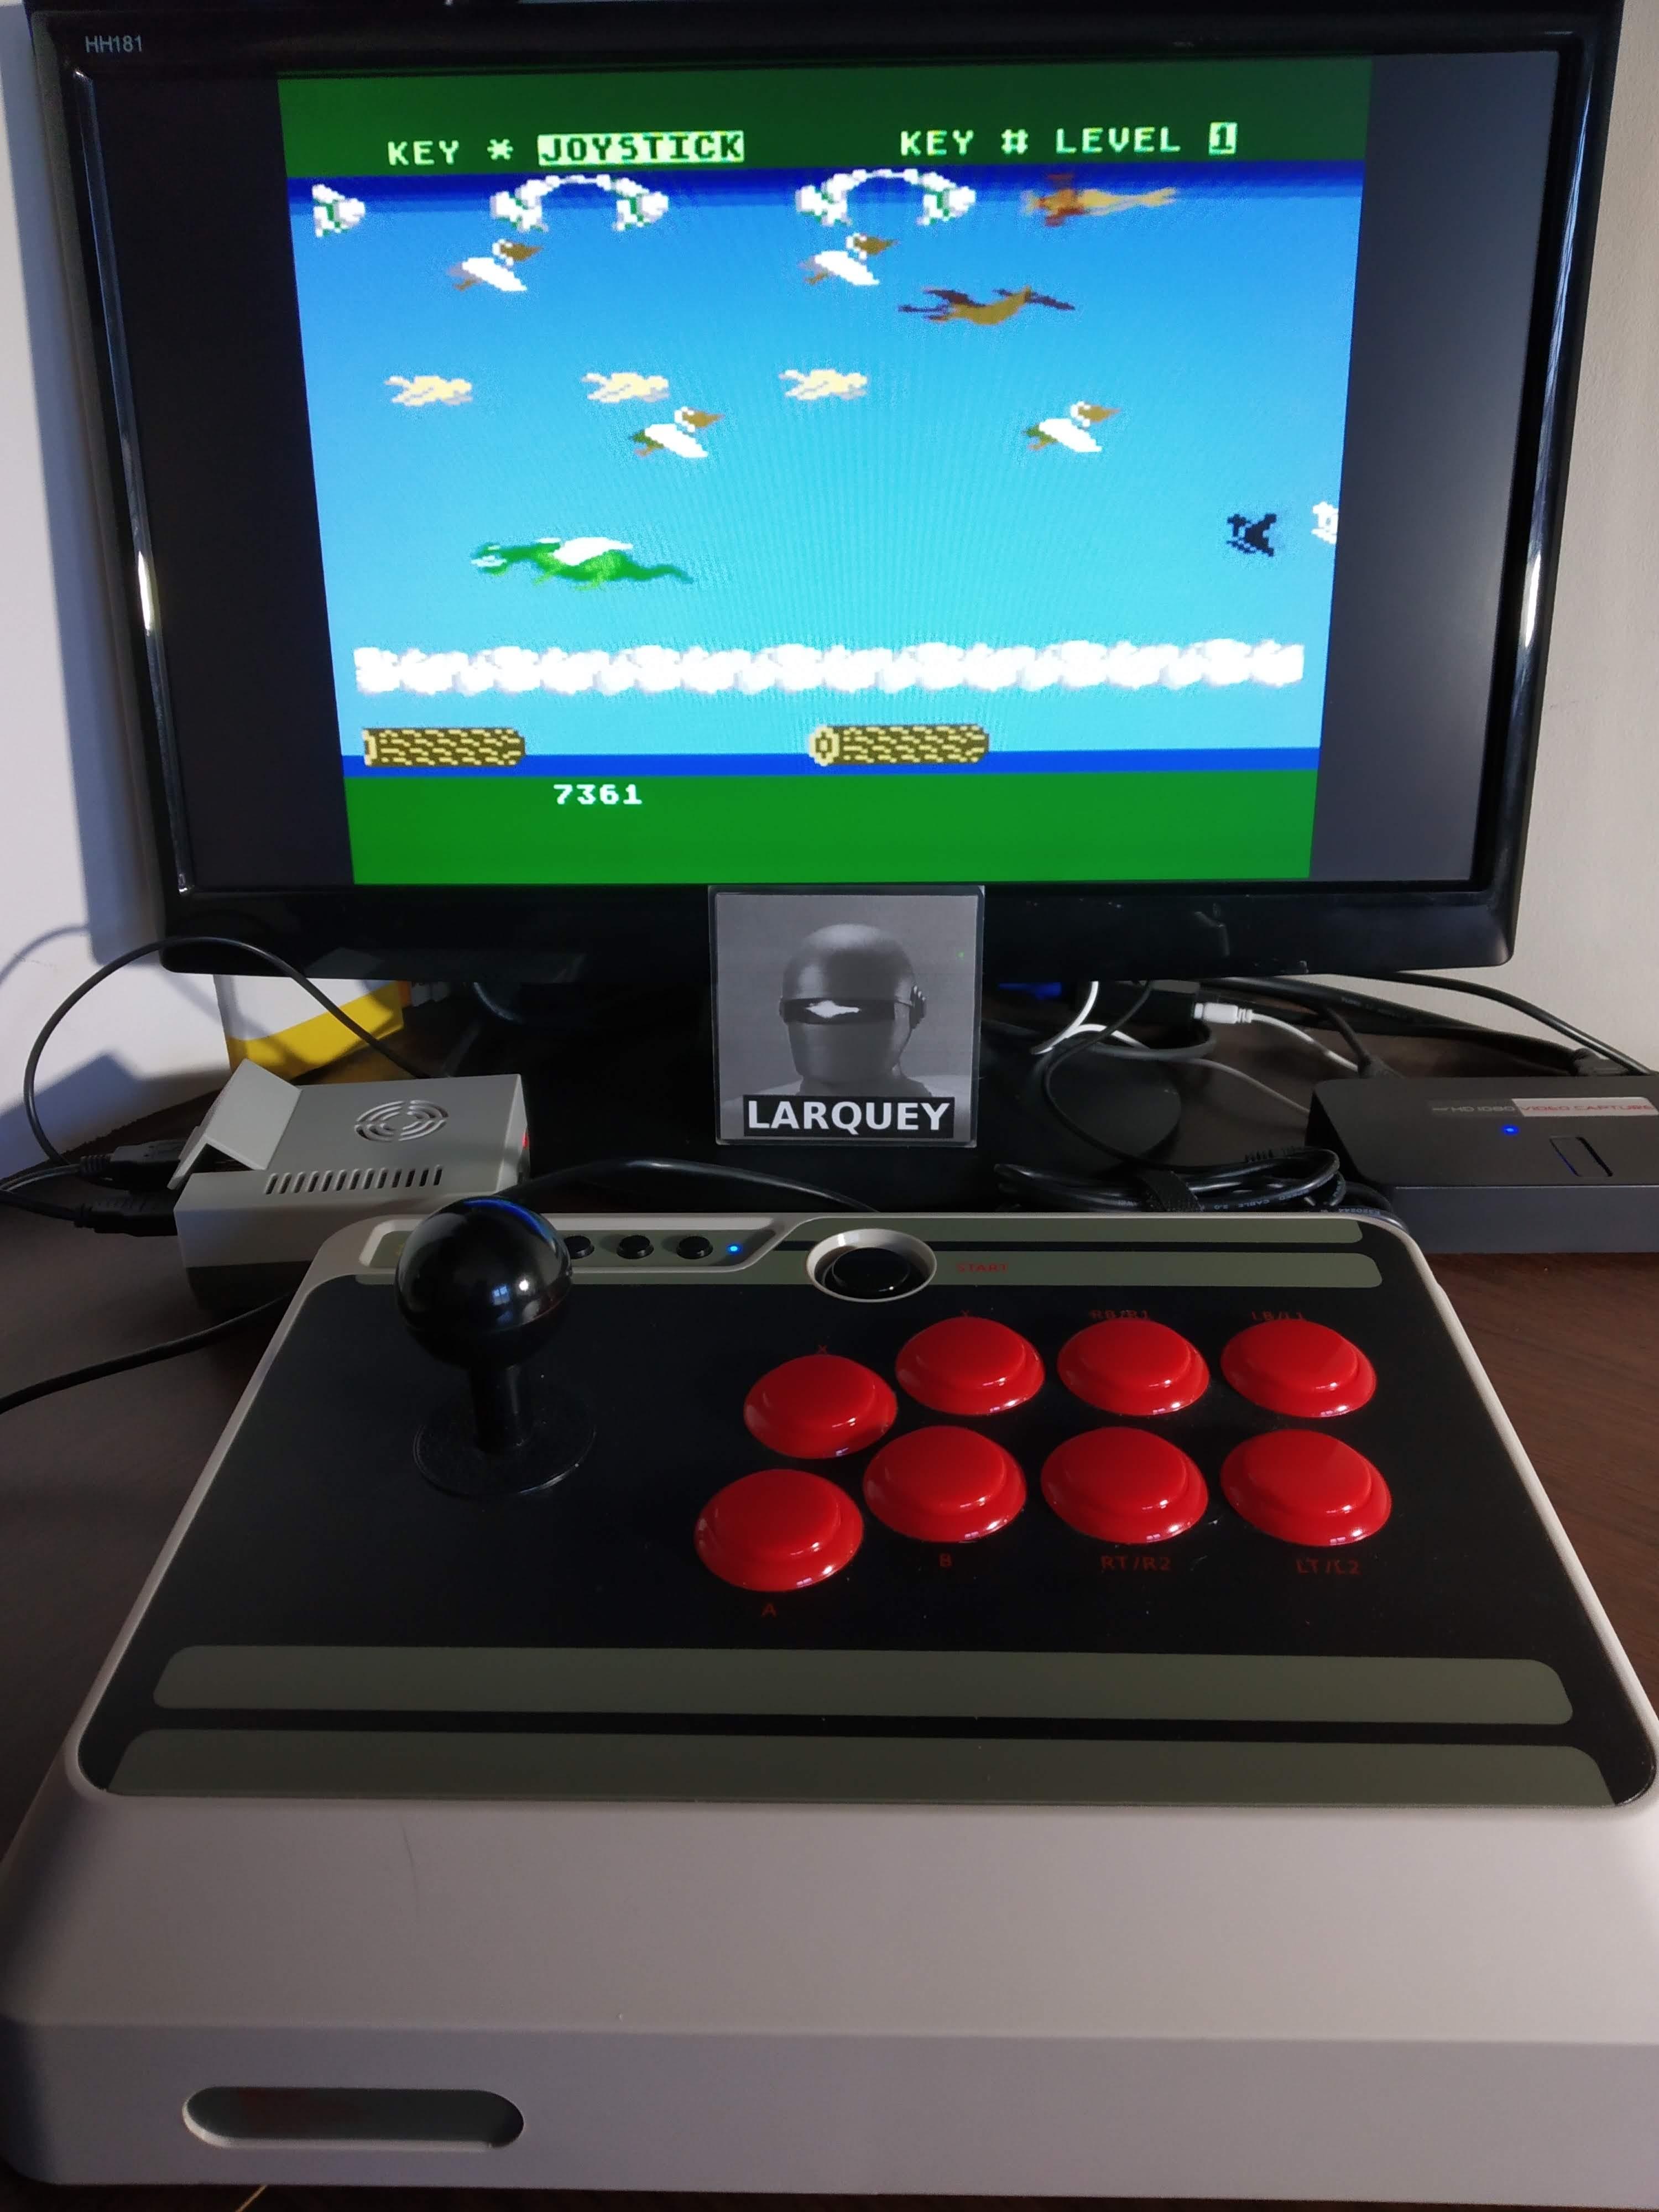 Larquey: Frogger II: Threedeep (Atari 5200 Emulated) 7,361 points on 2019-11-11 11:23:17